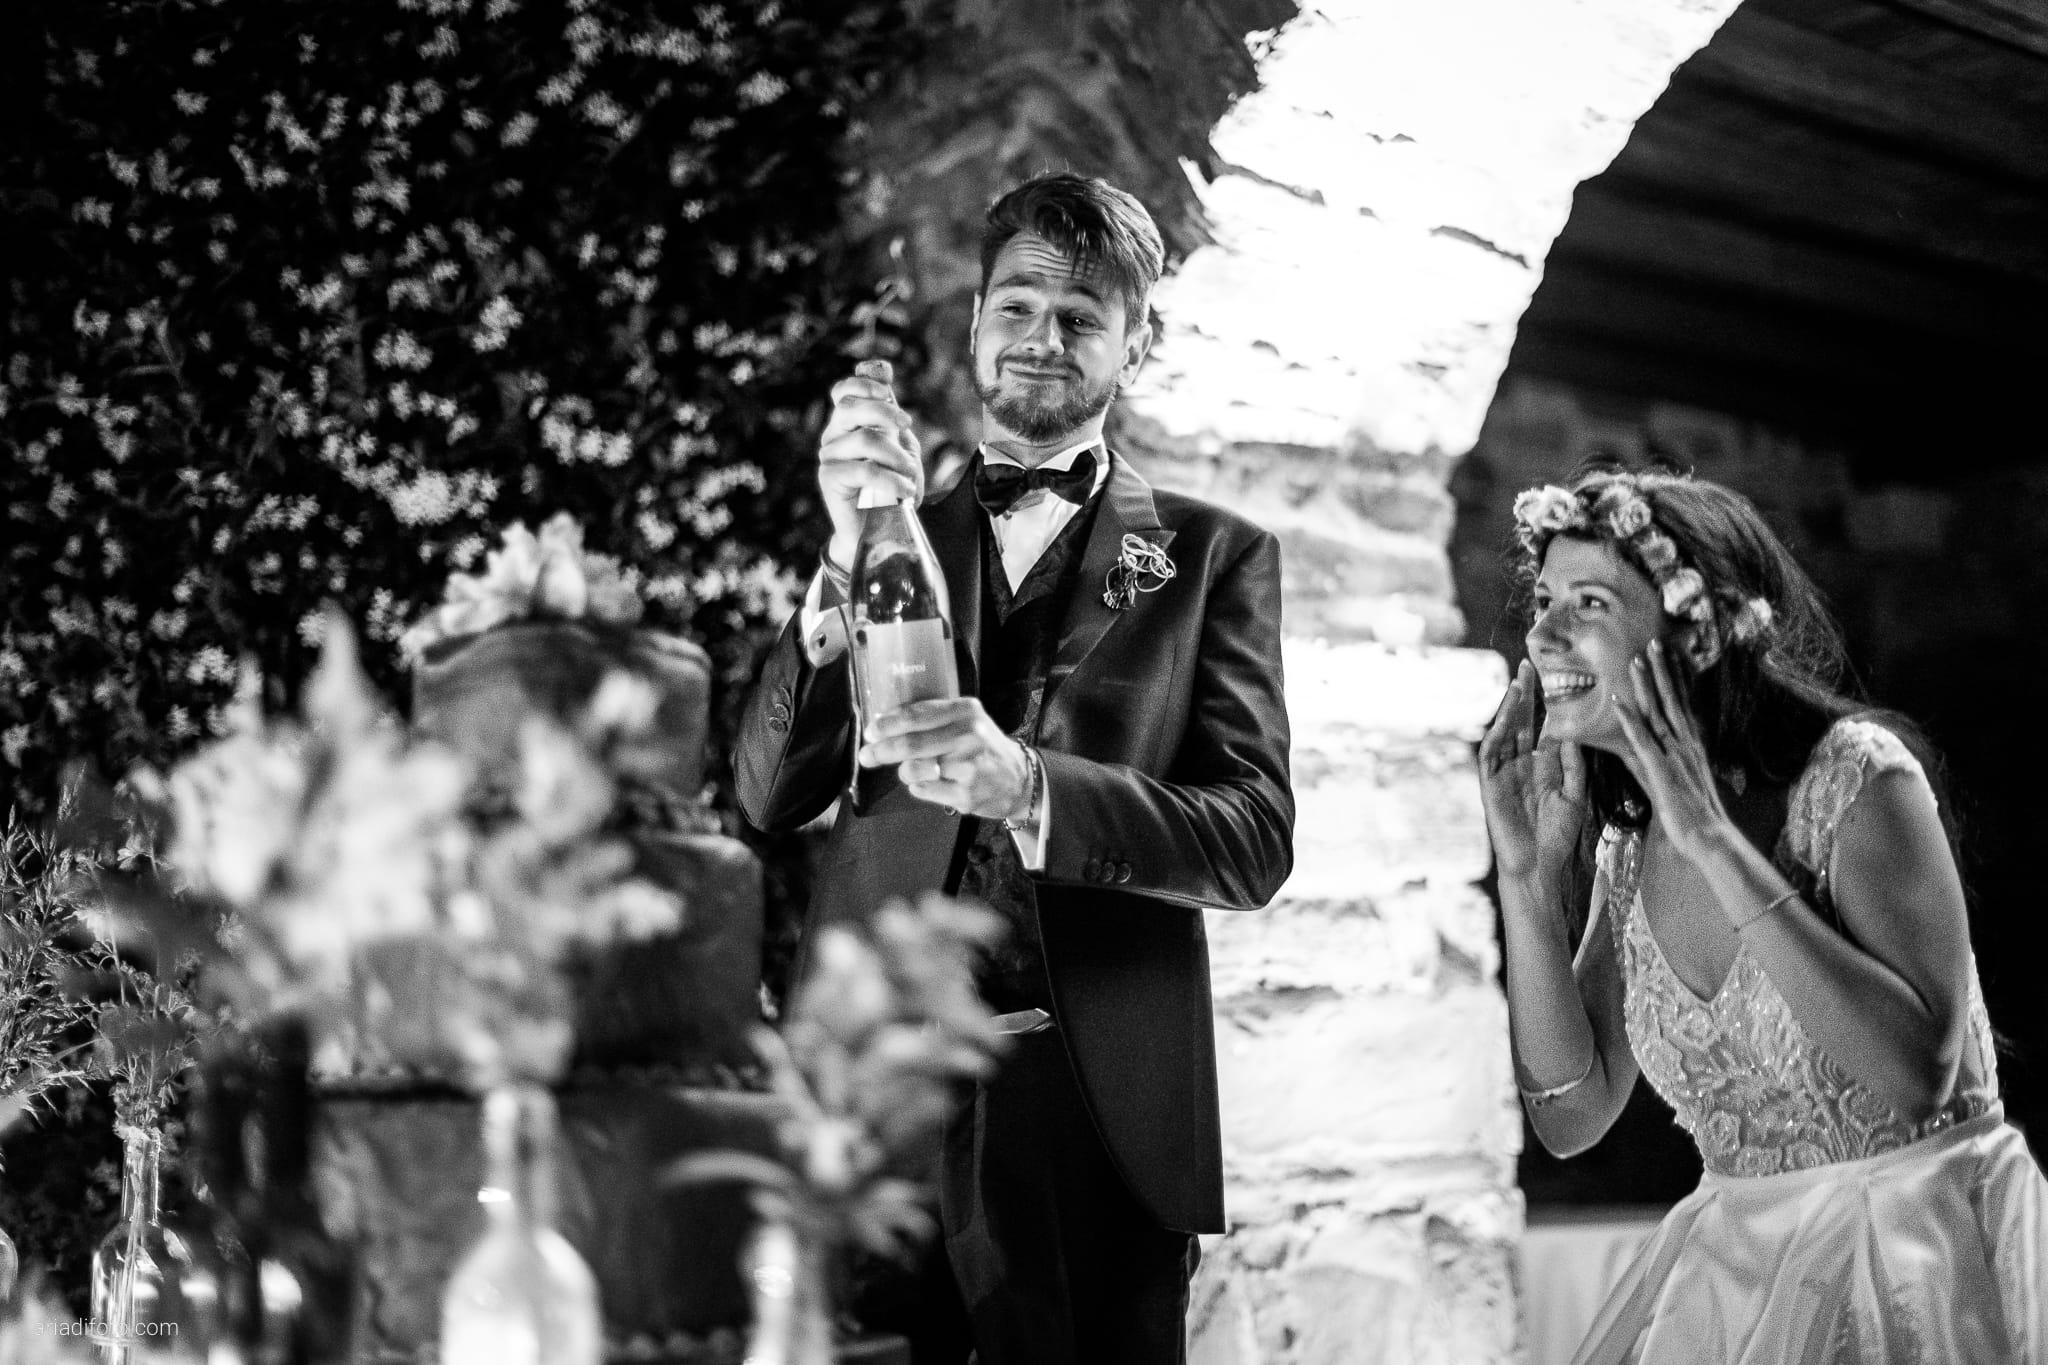 Giorgia Davide Matrimonio Muggia Trieste Baronesse Tacco San Floriano Del Collio Gorizia ricevimento taglio della torta